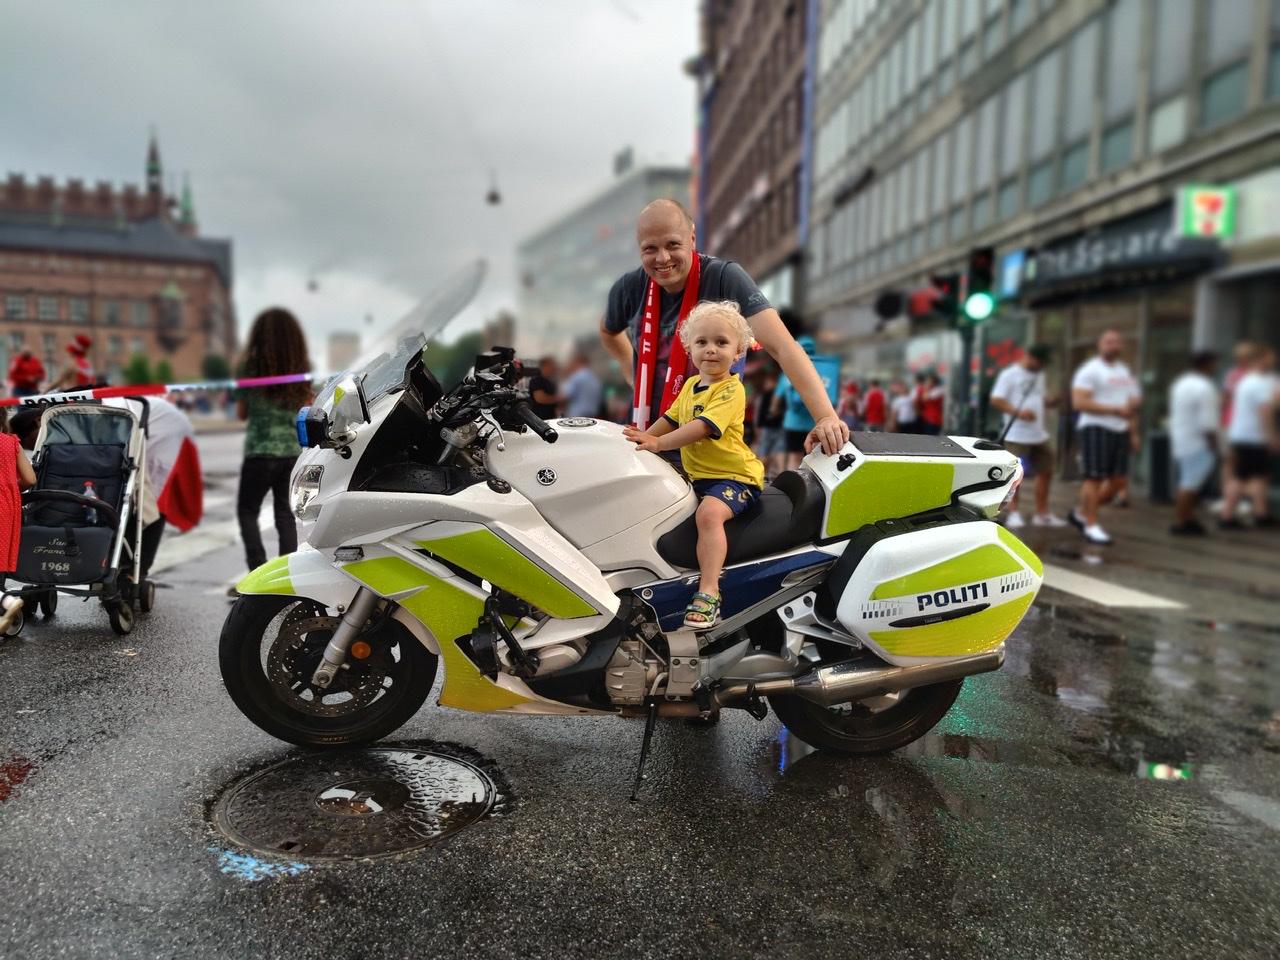 Kæmpe fodboldfest i København - billeder fra hele byen